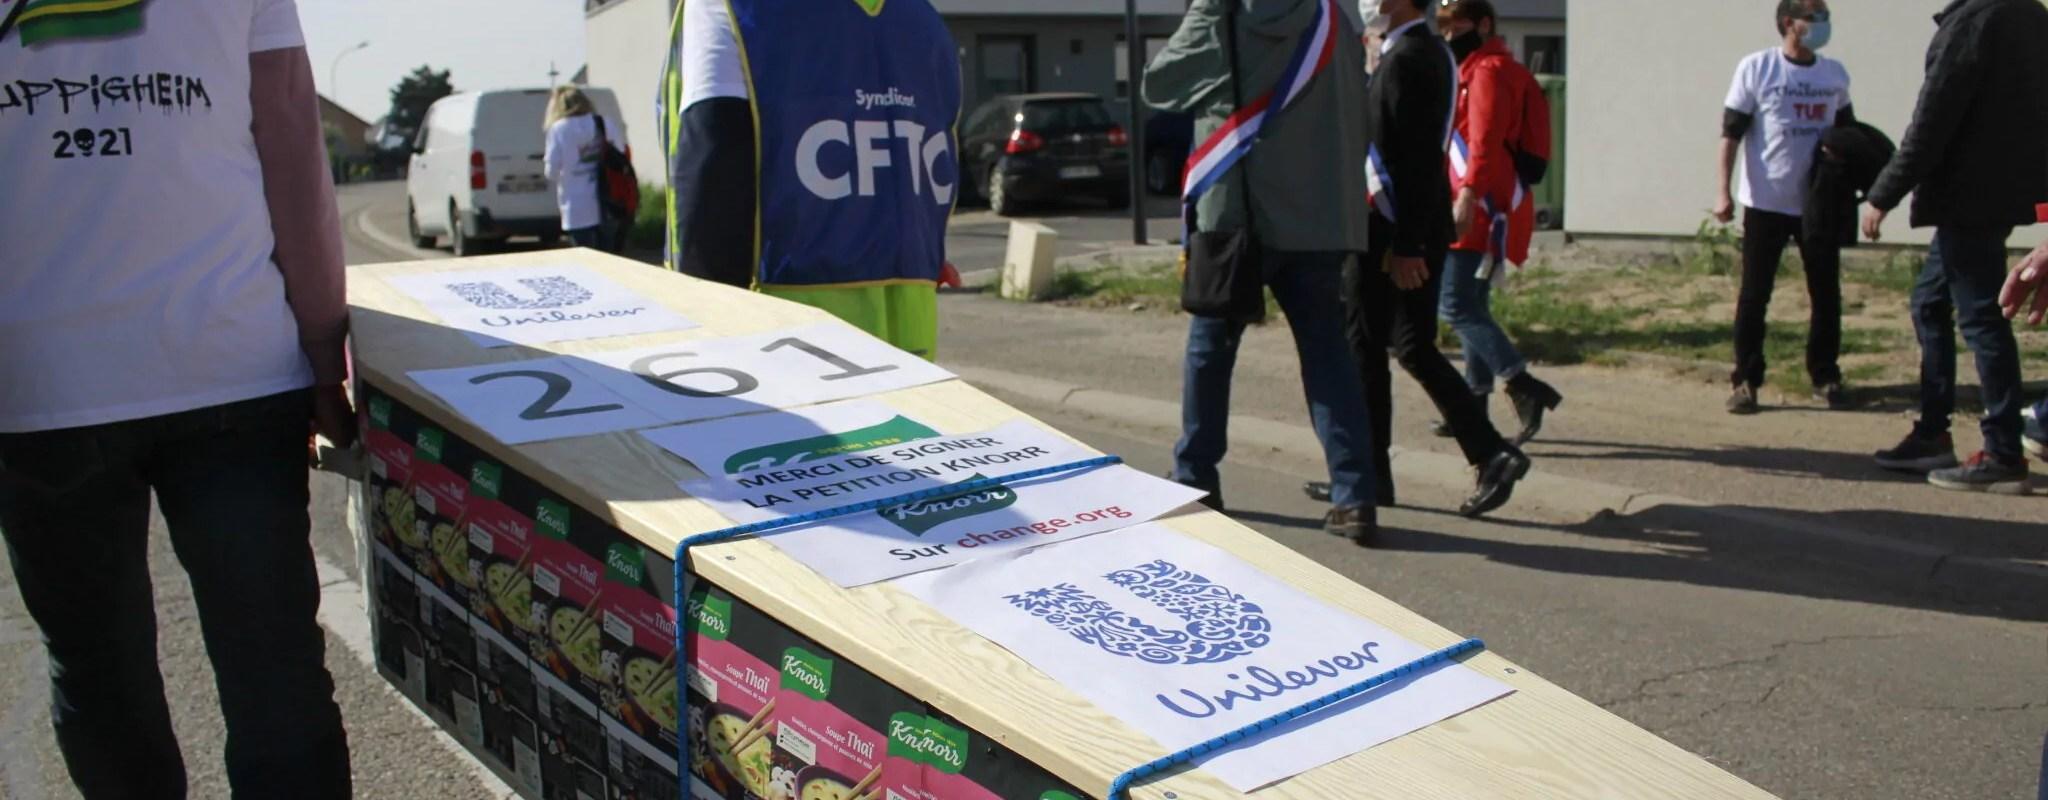 À l'usine Knorr, les salariés acceptent le «plan social le plus merdique de France», selon le syndicat Force Ouvrière